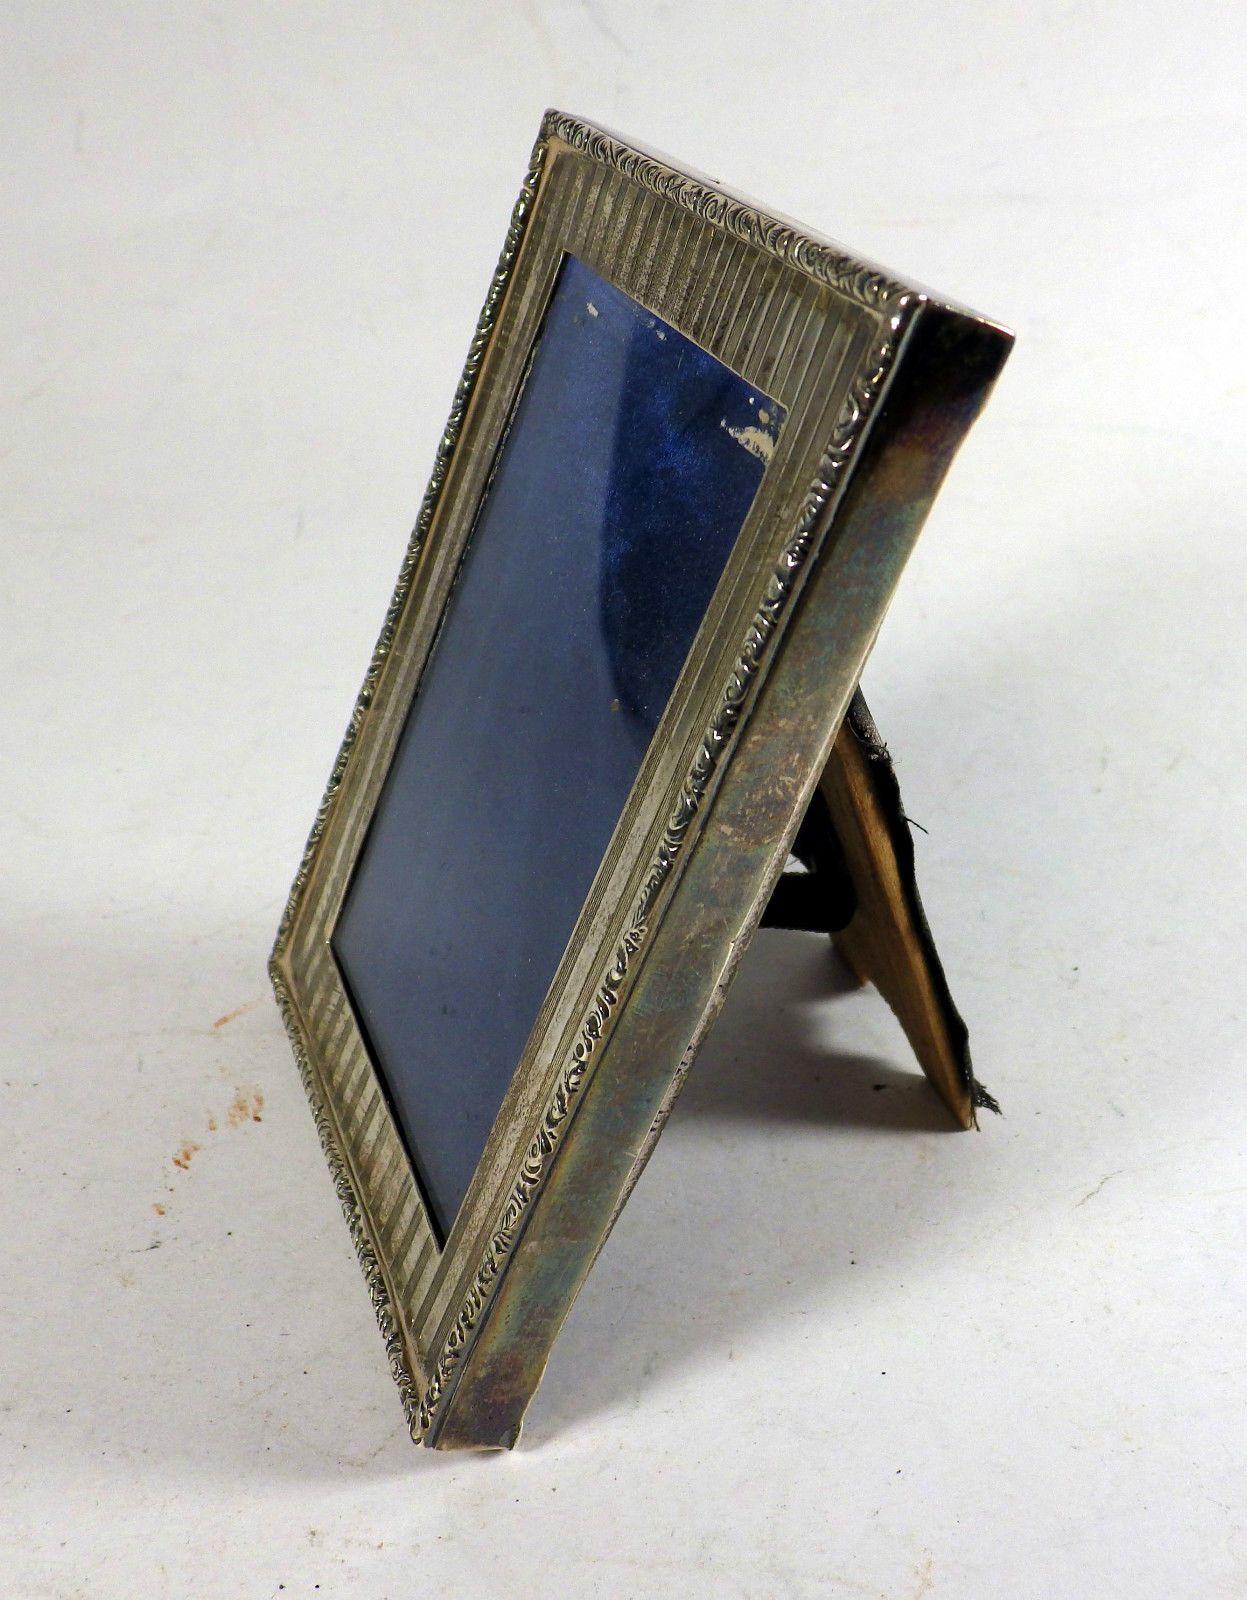 Antique Silver Hallmarked Picture Frame 1886   eBay